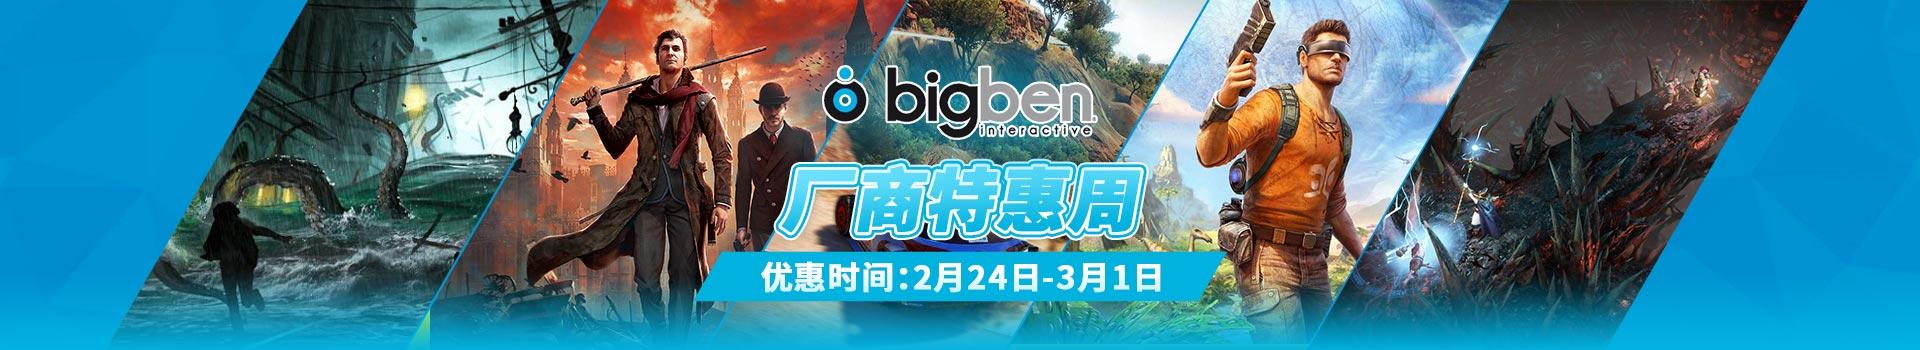 Bigben厂商特惠周